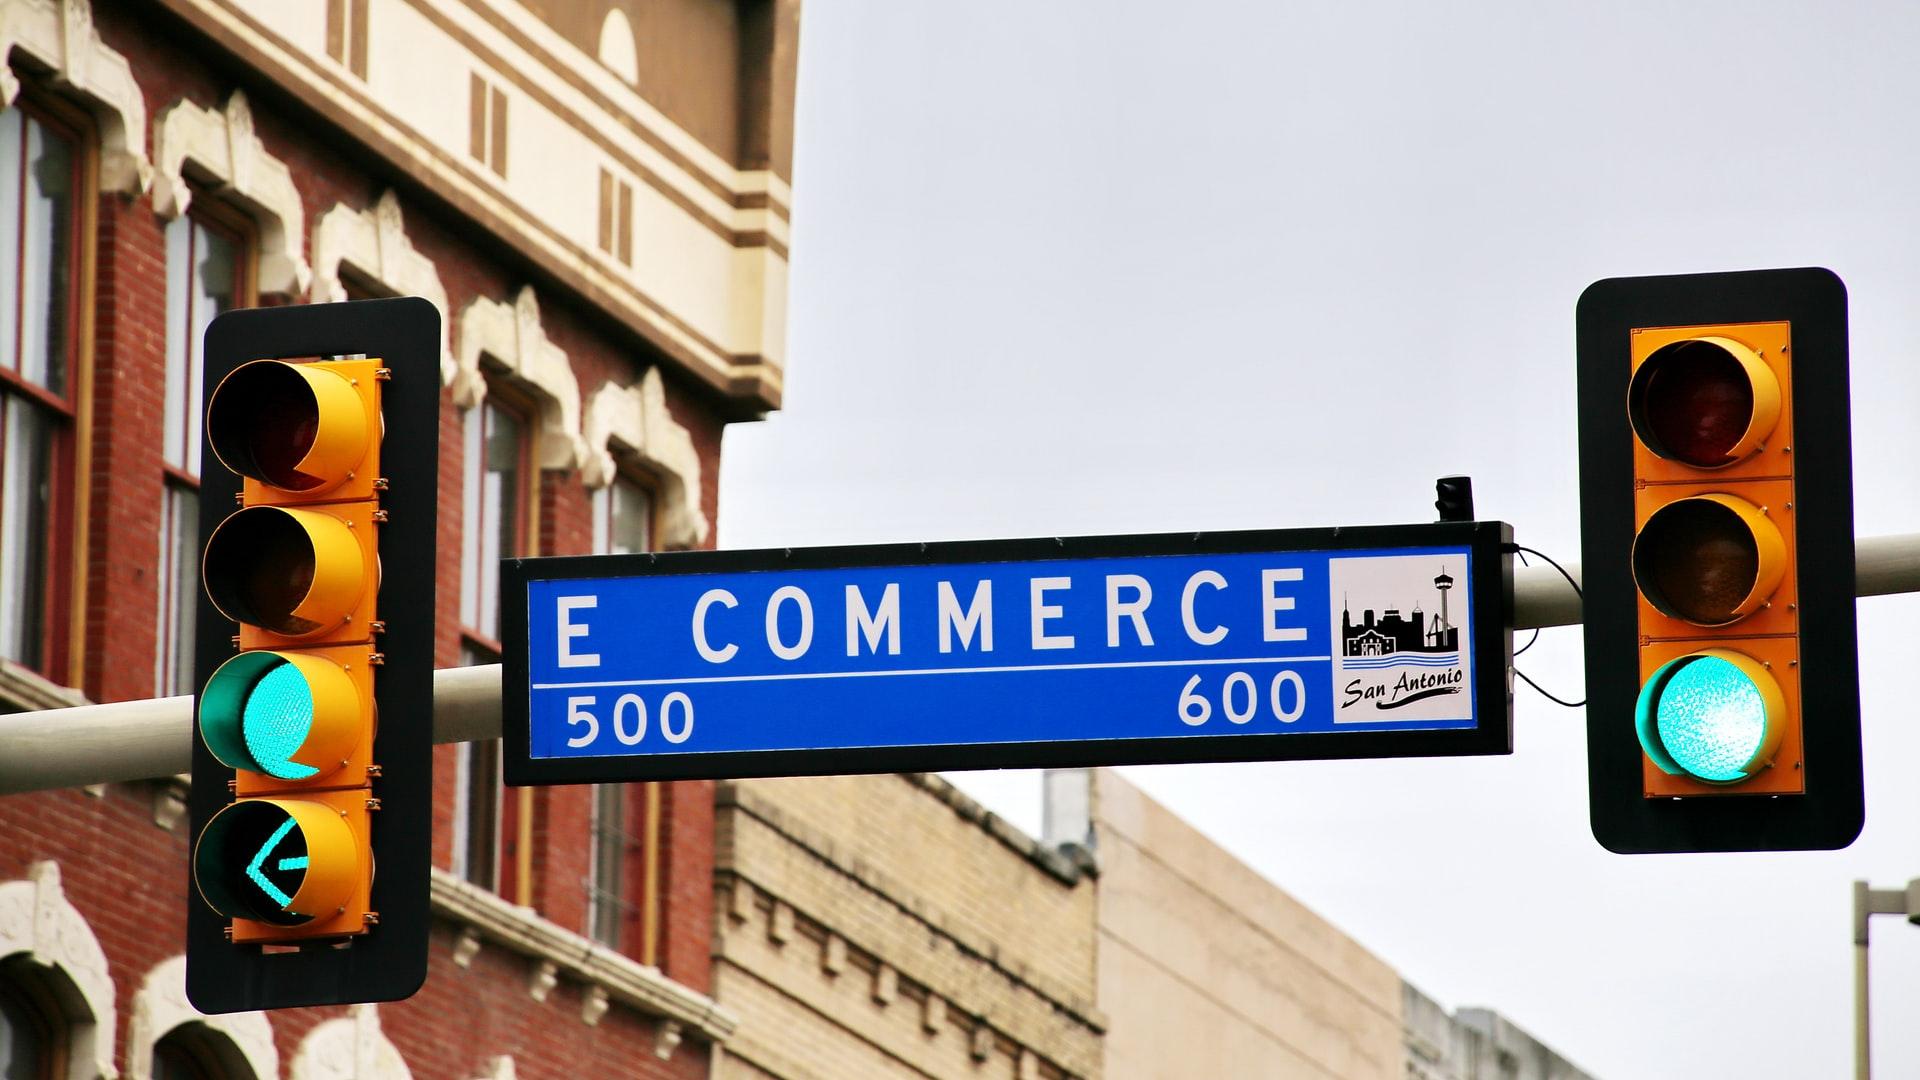 Die 4 besten eCommerce-Plattformen für KMUs 2021